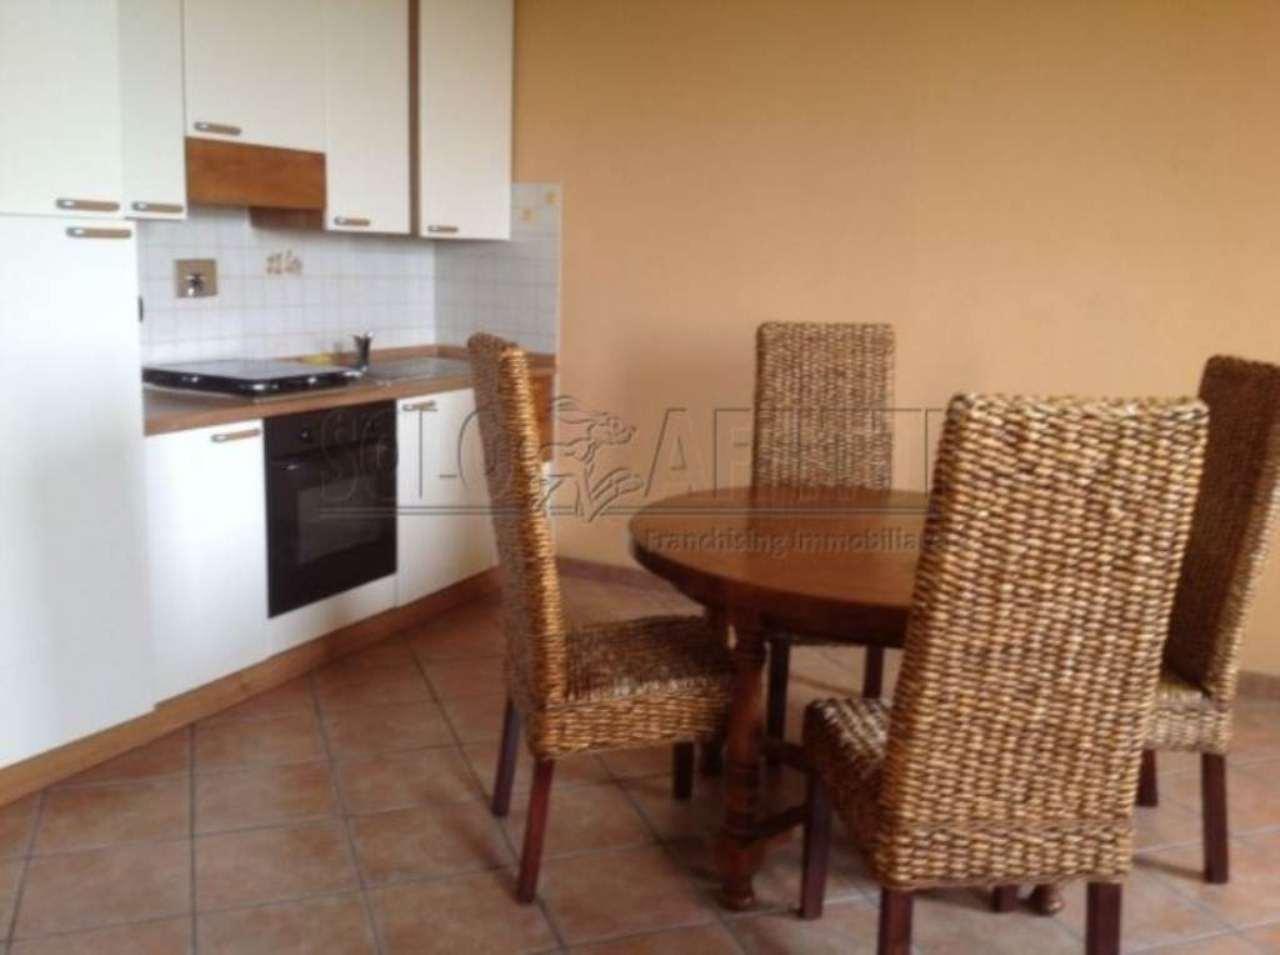 Appartamento in affitto a Ponte Buggianese, 2 locali, prezzo € 550 | Cambio Casa.it